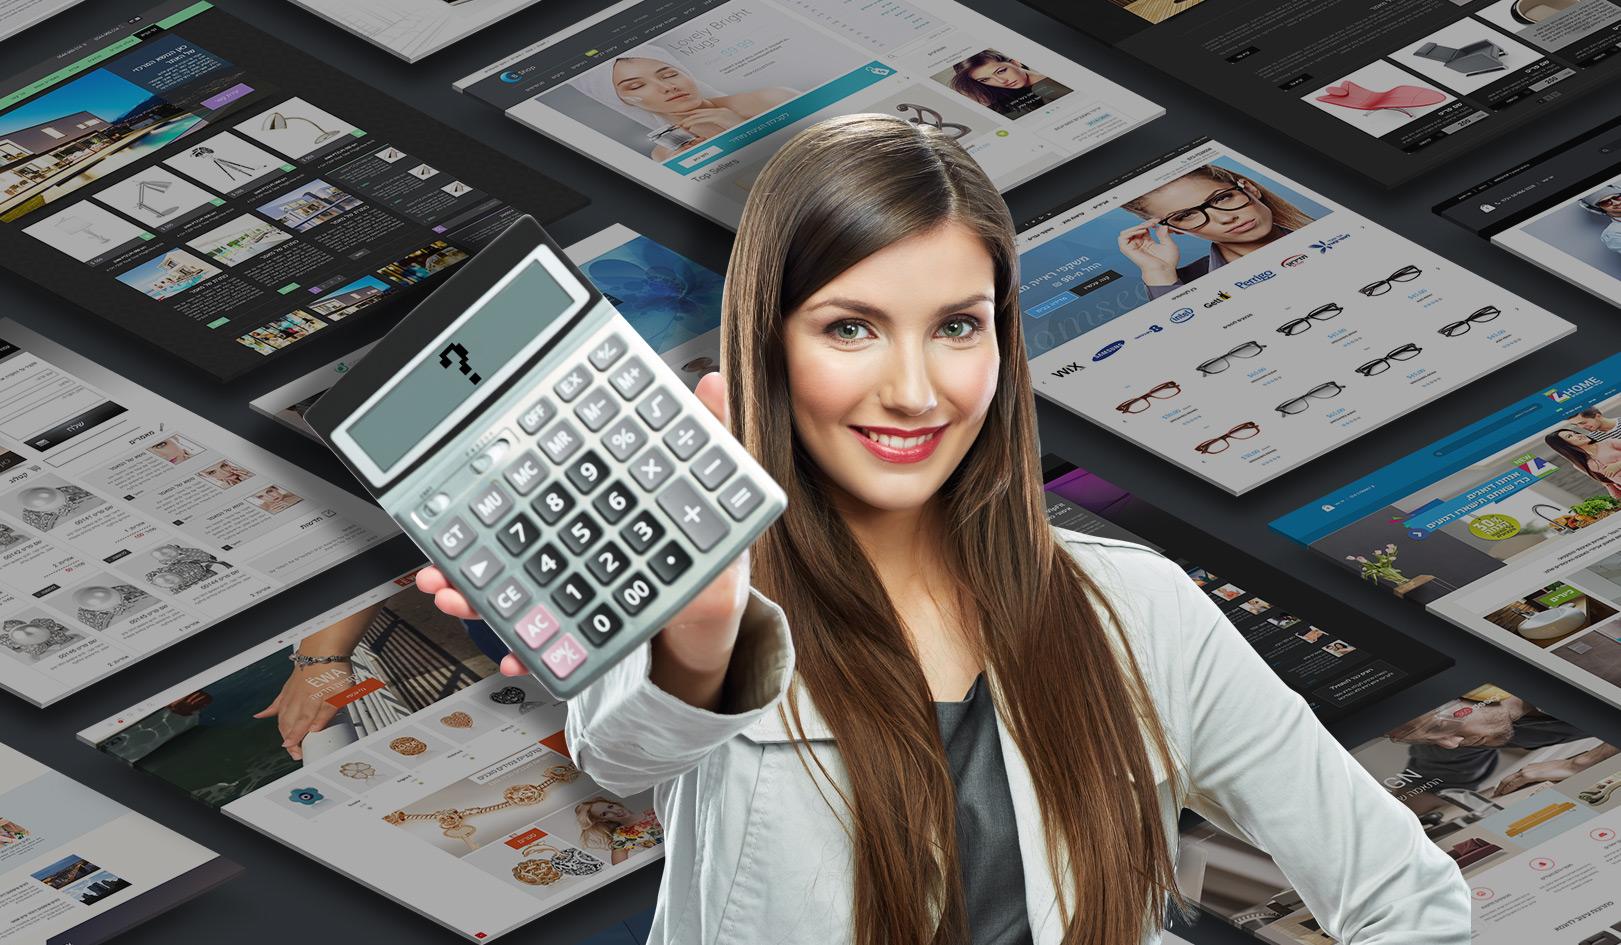 חישוב של מחיר לבניית חנות אינטרנט